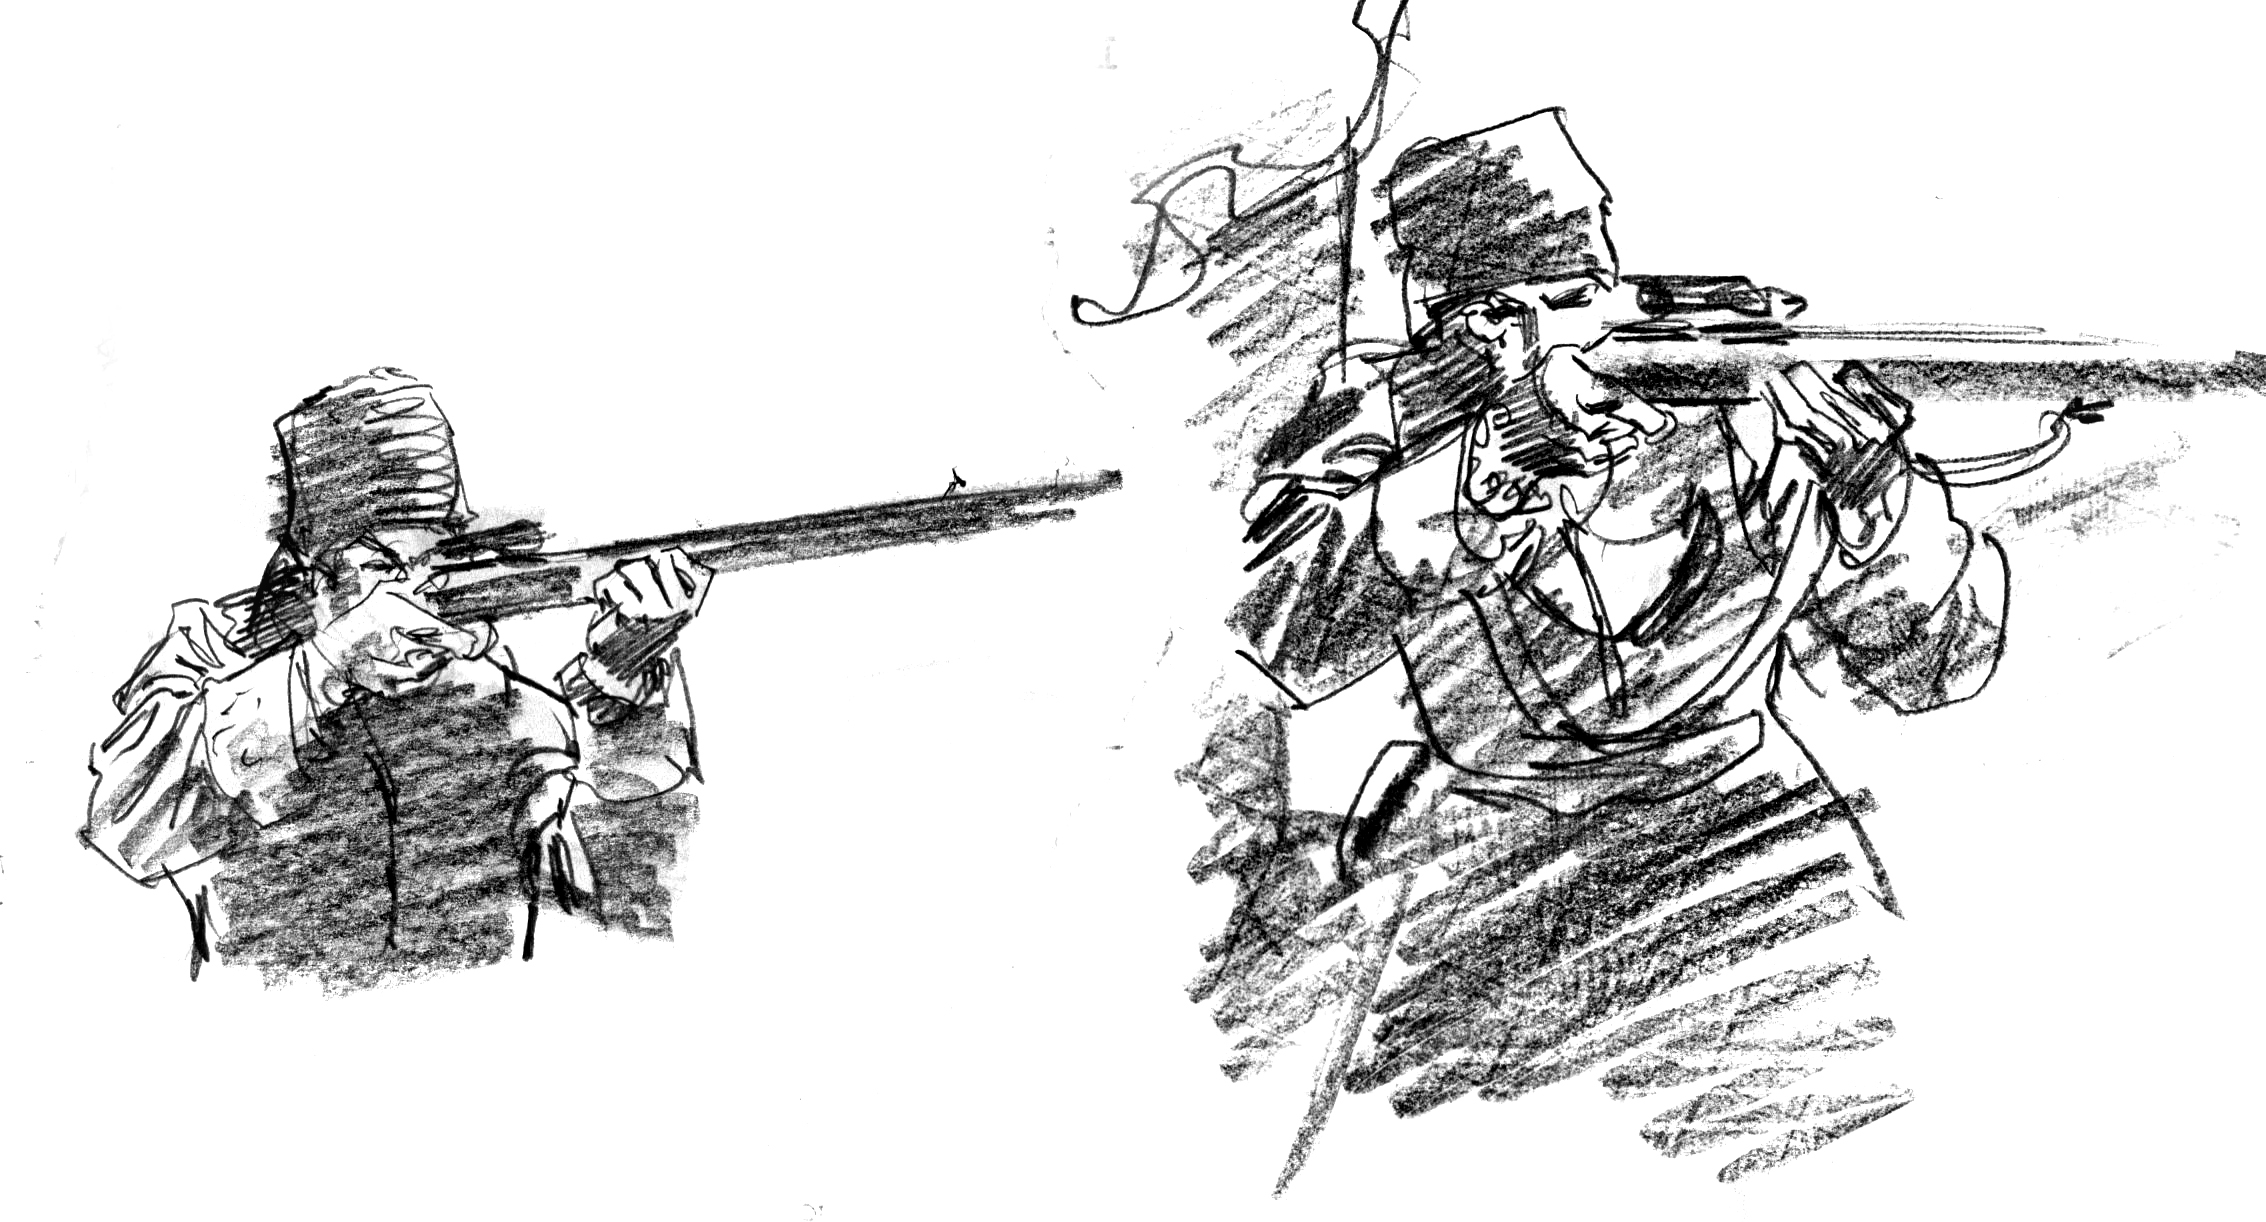 rifleman2-sk